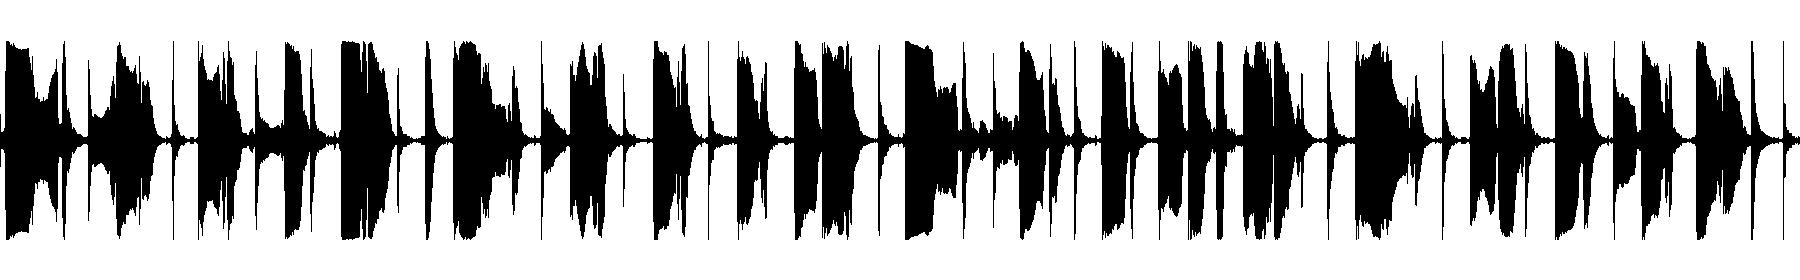 vk disco chukka 01